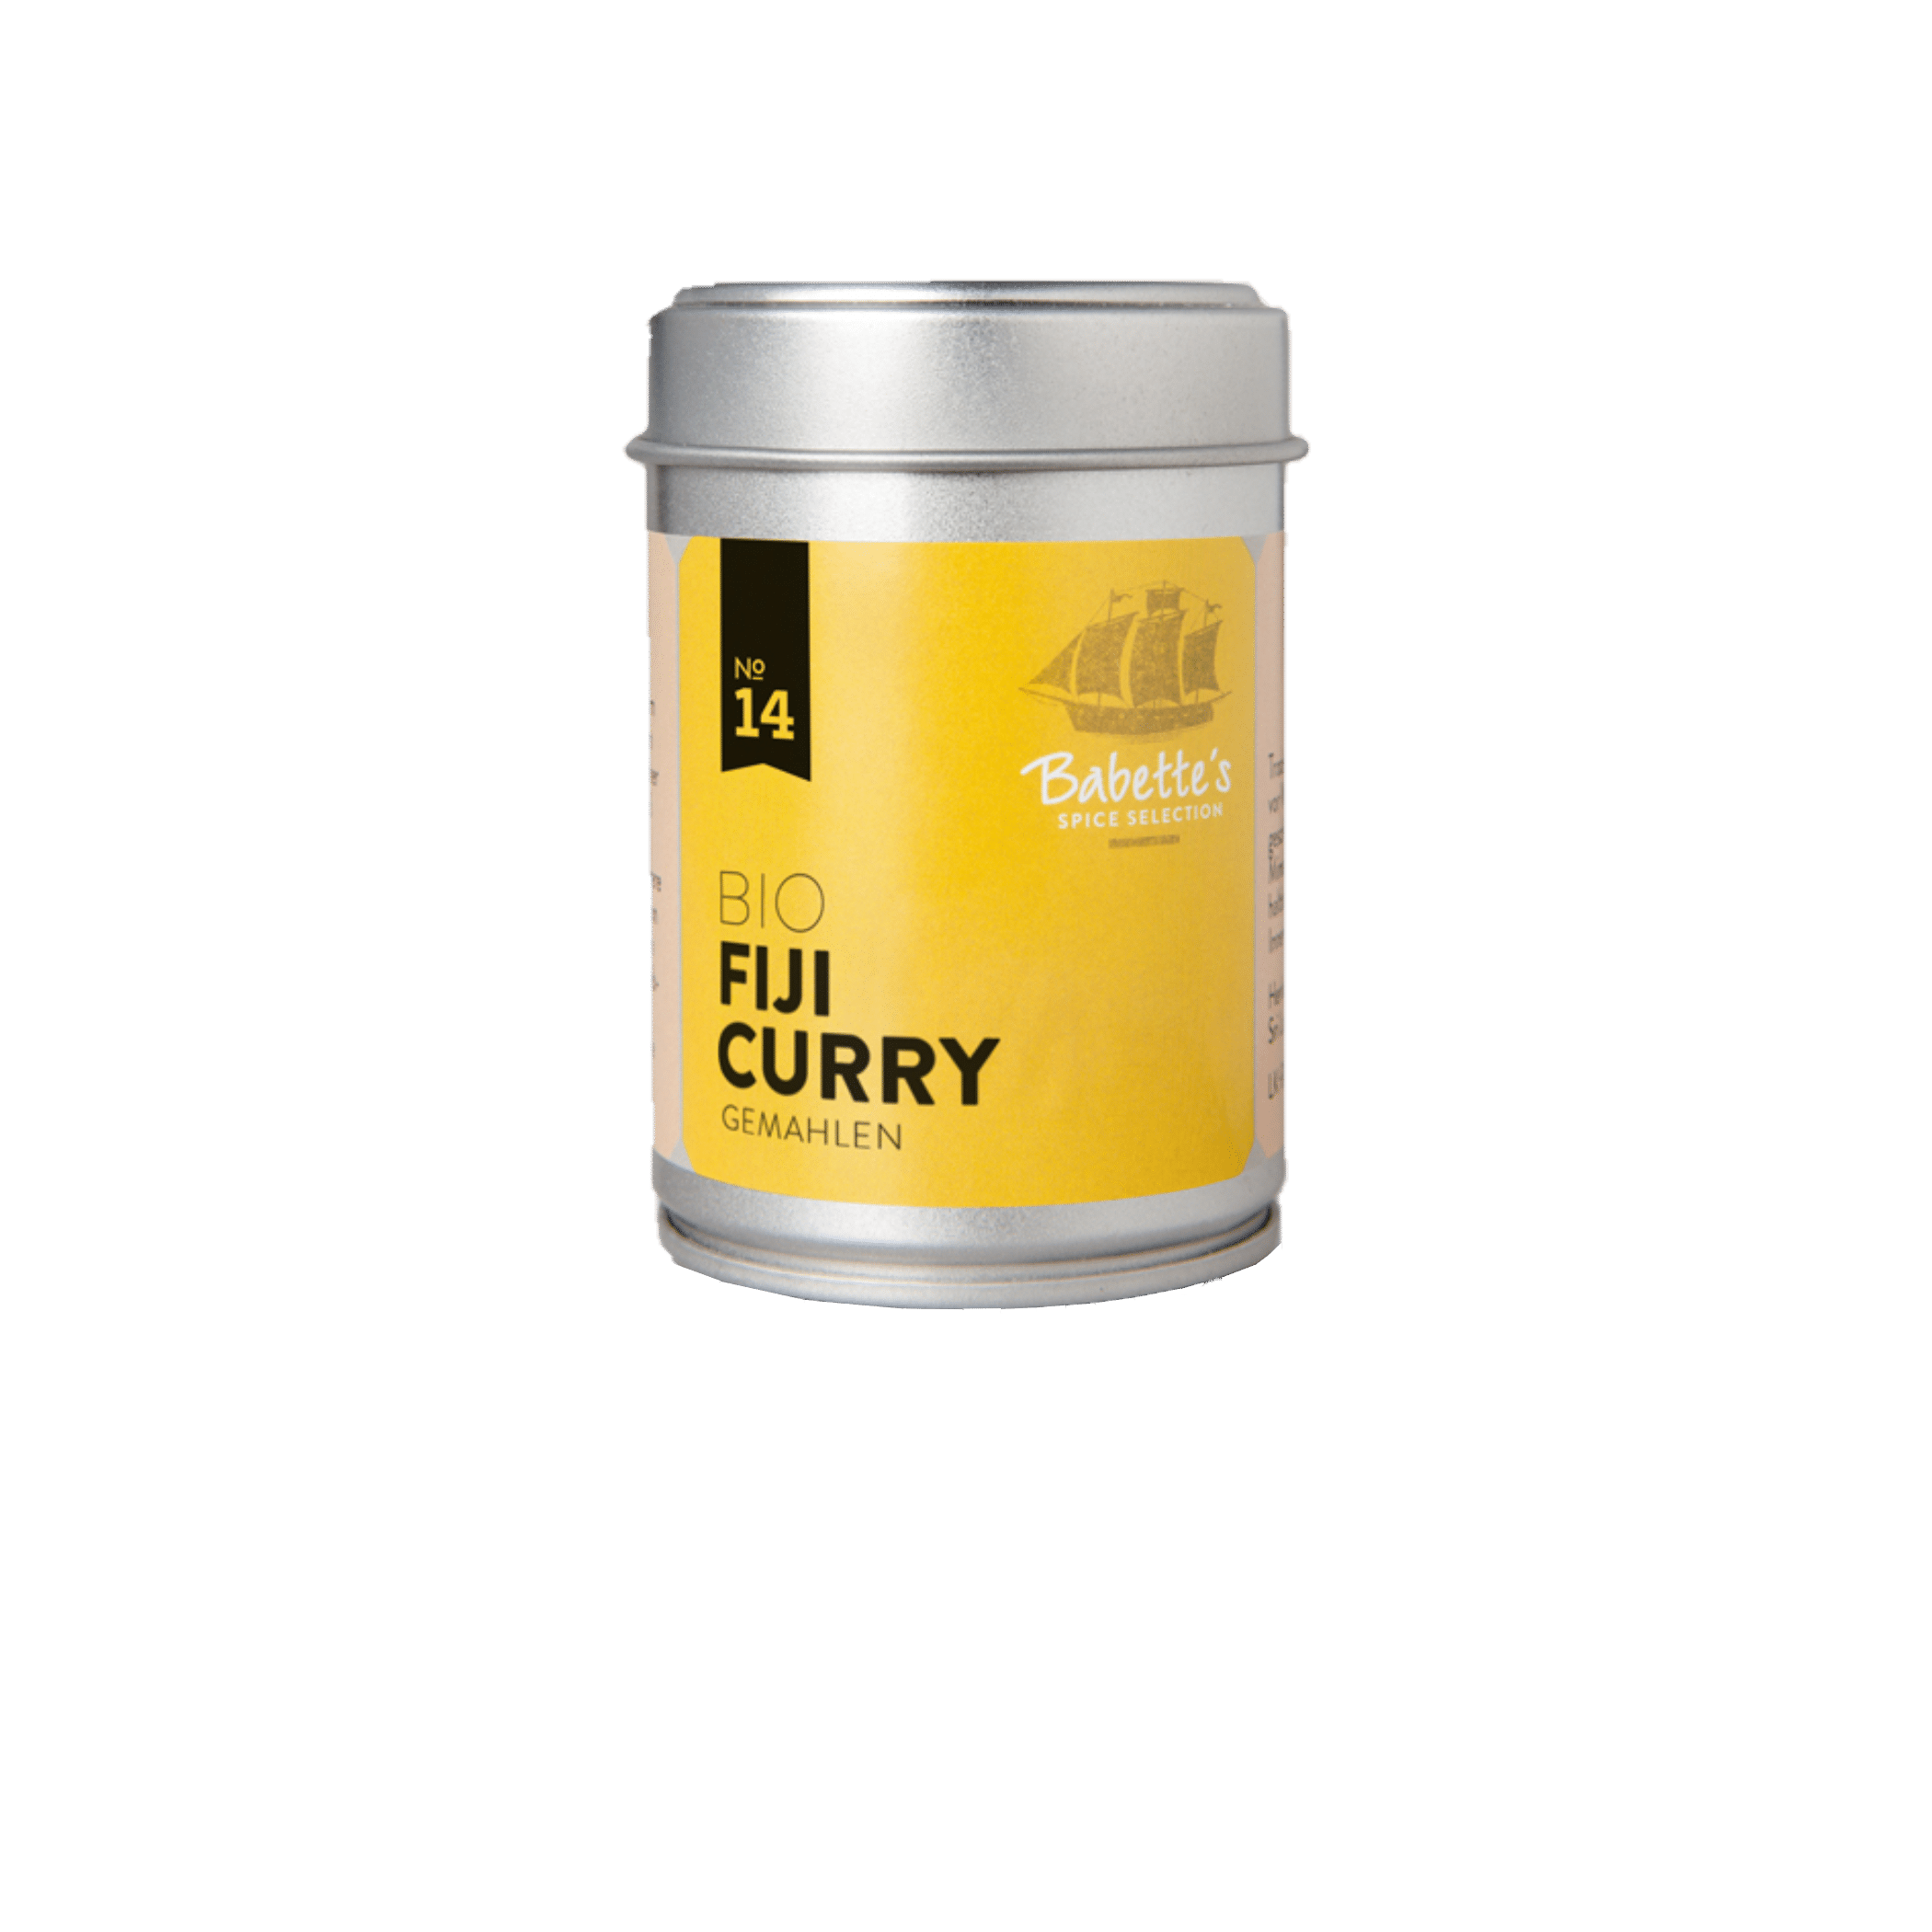 Fiji Curry Gewürz Feinkost